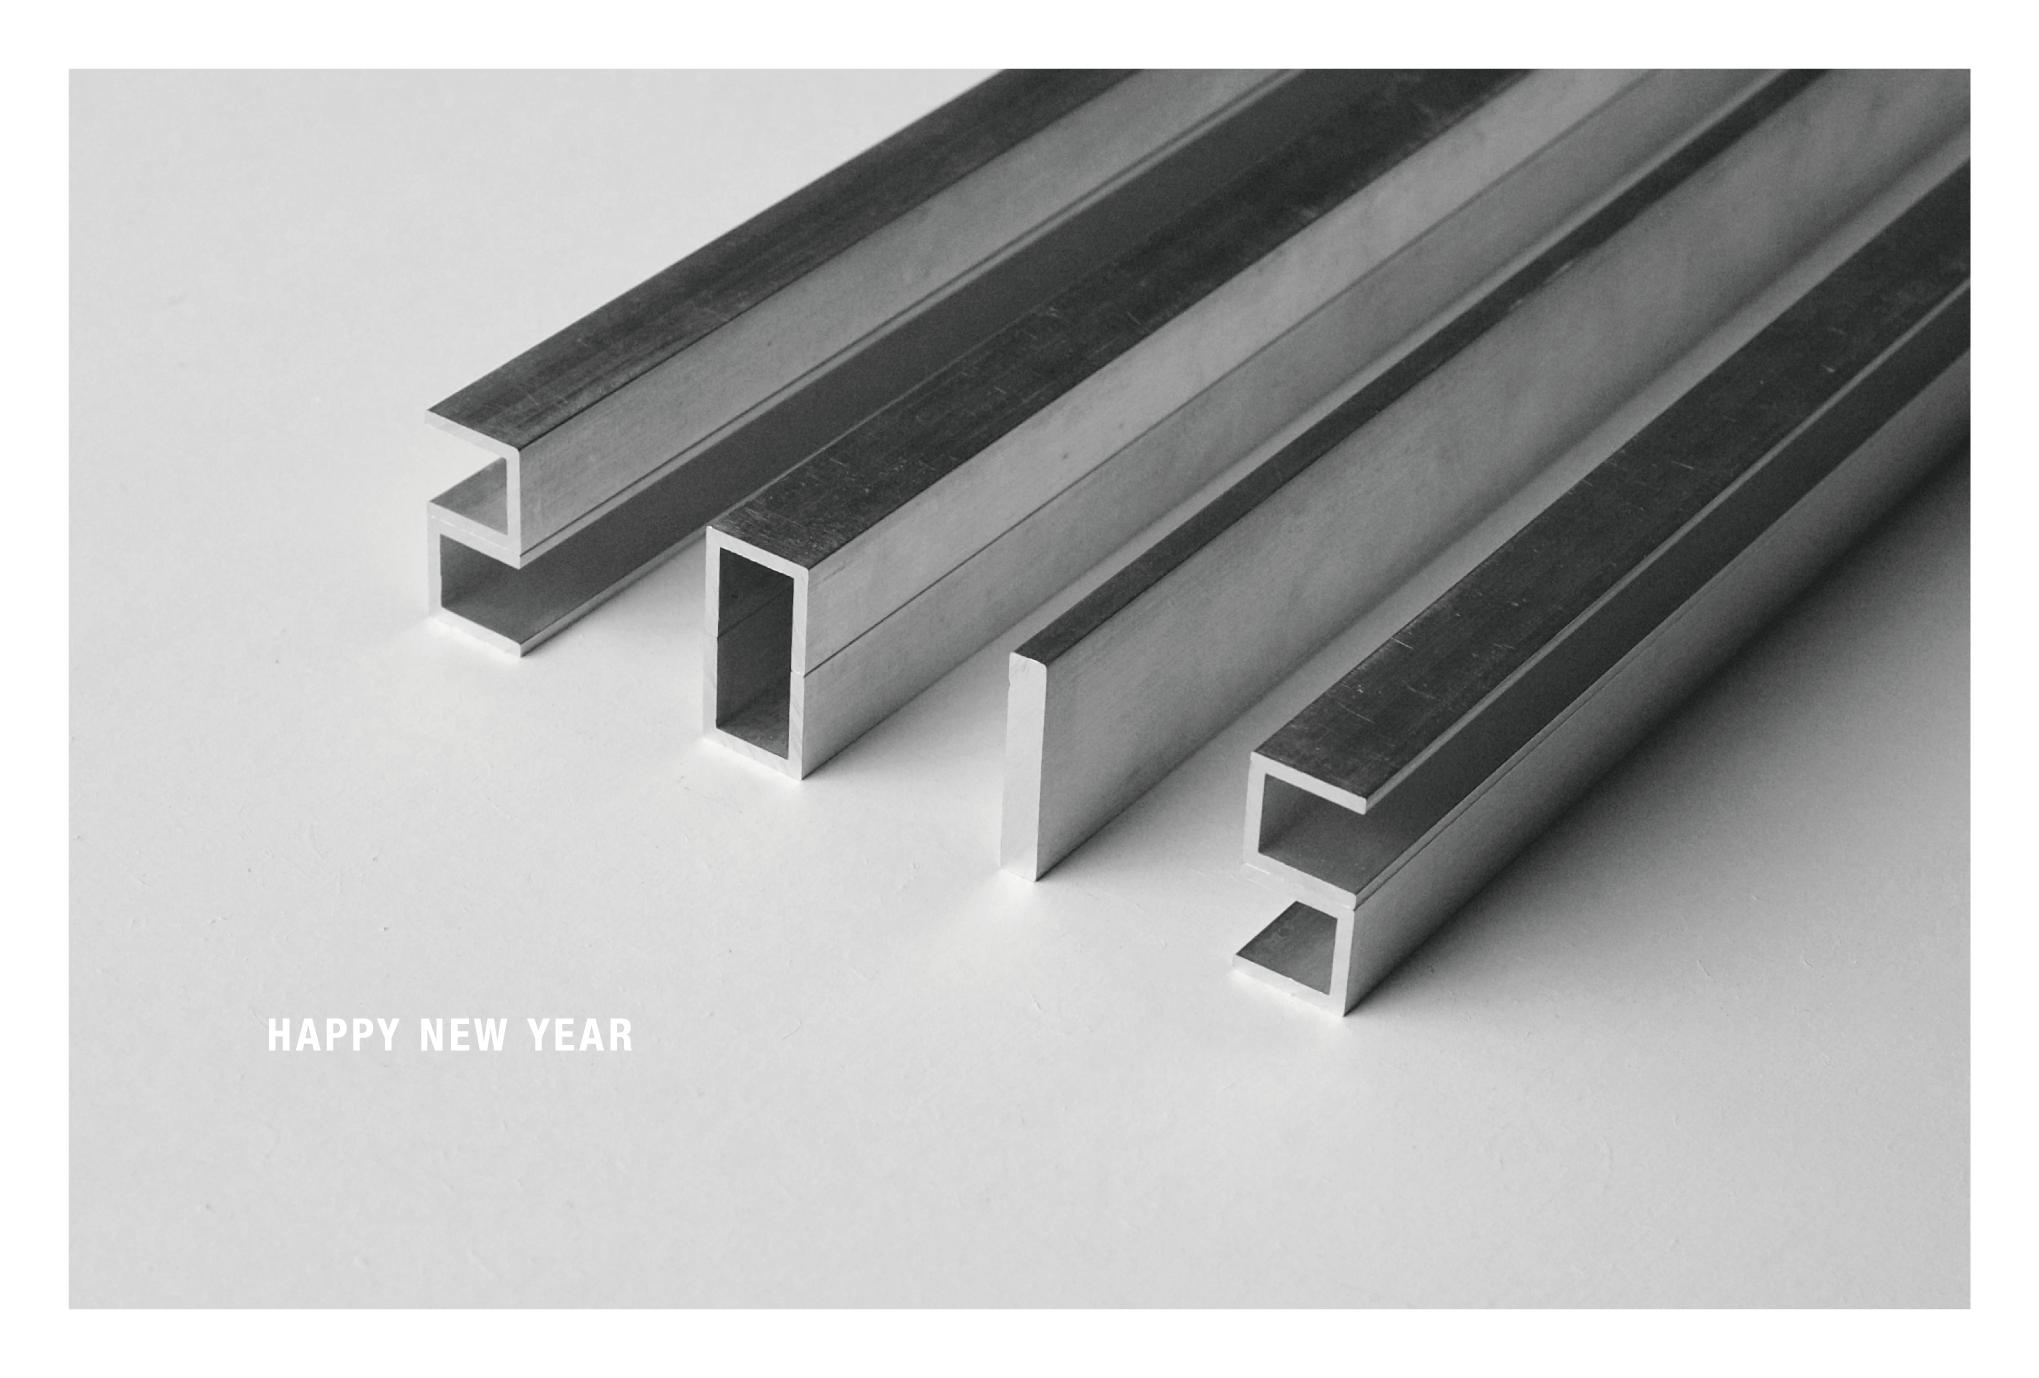 2015年賀状11:Alumi-new-m 2015のダウンロード画像